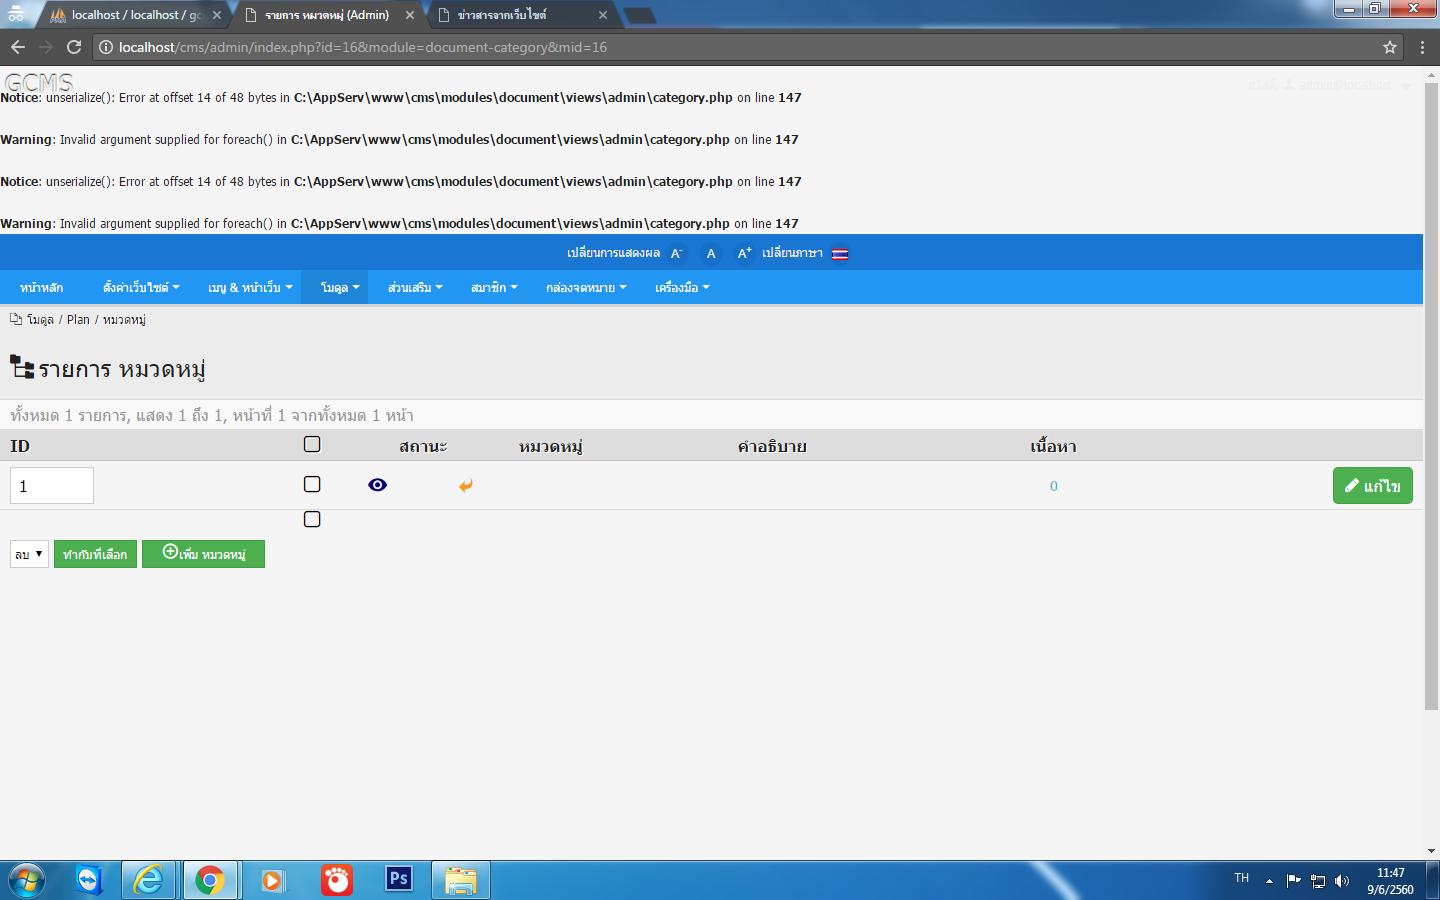 พบปัญหาการติดตั้งและใช้งาน GCMS 12.0.0 แจ้งที่กระทู้นี้ได้เลย